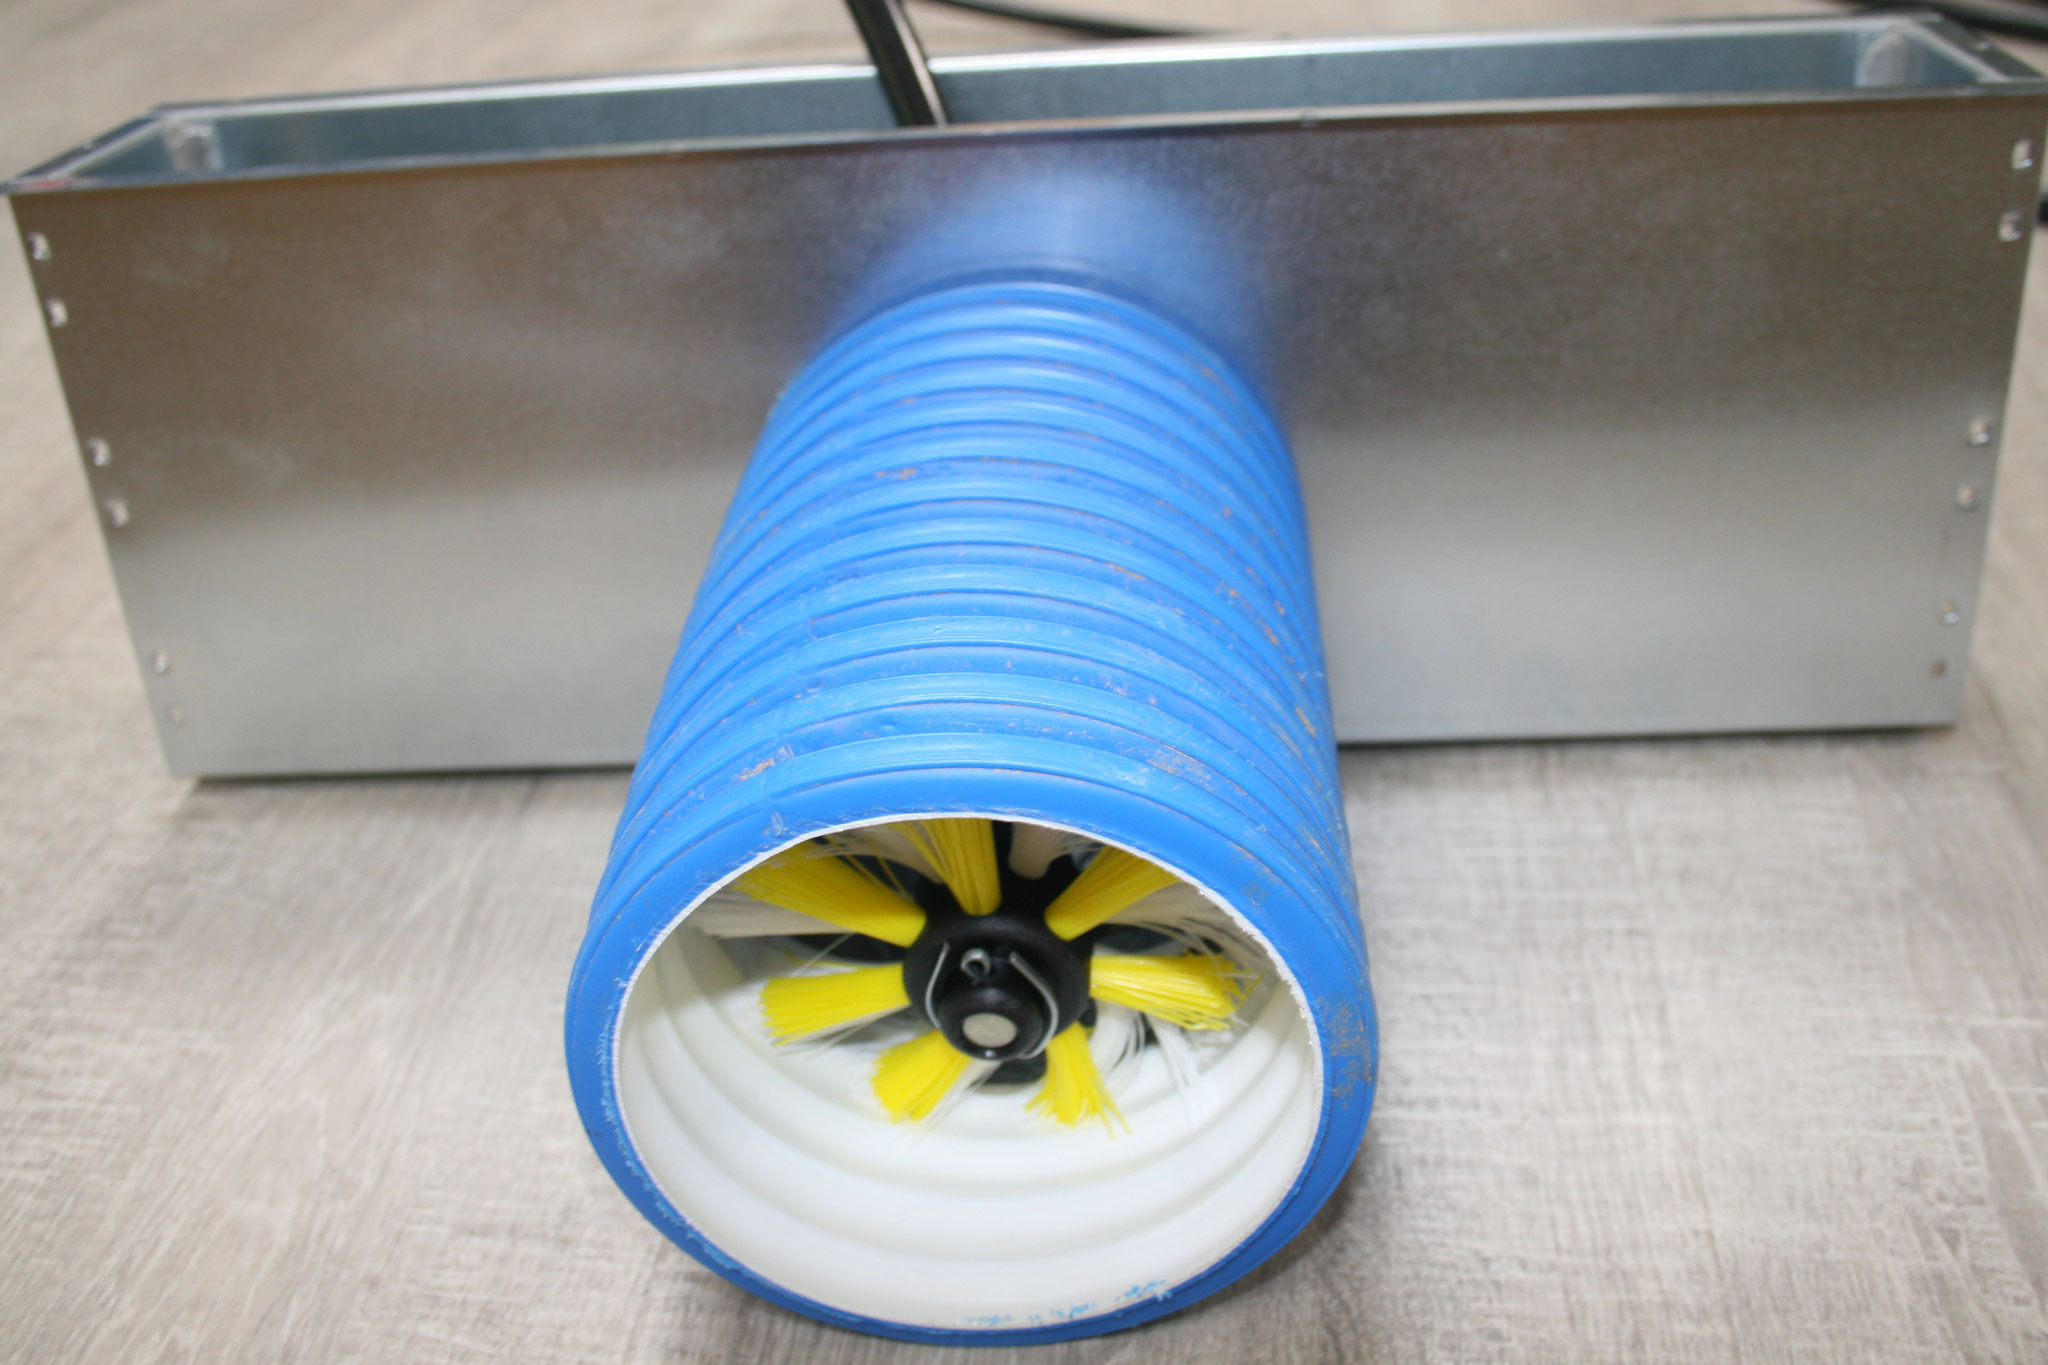 Genial: auch über engste Bodengitter können die Leitungen absolut problemlos gereinigt werden!!!!!!!!!!!!